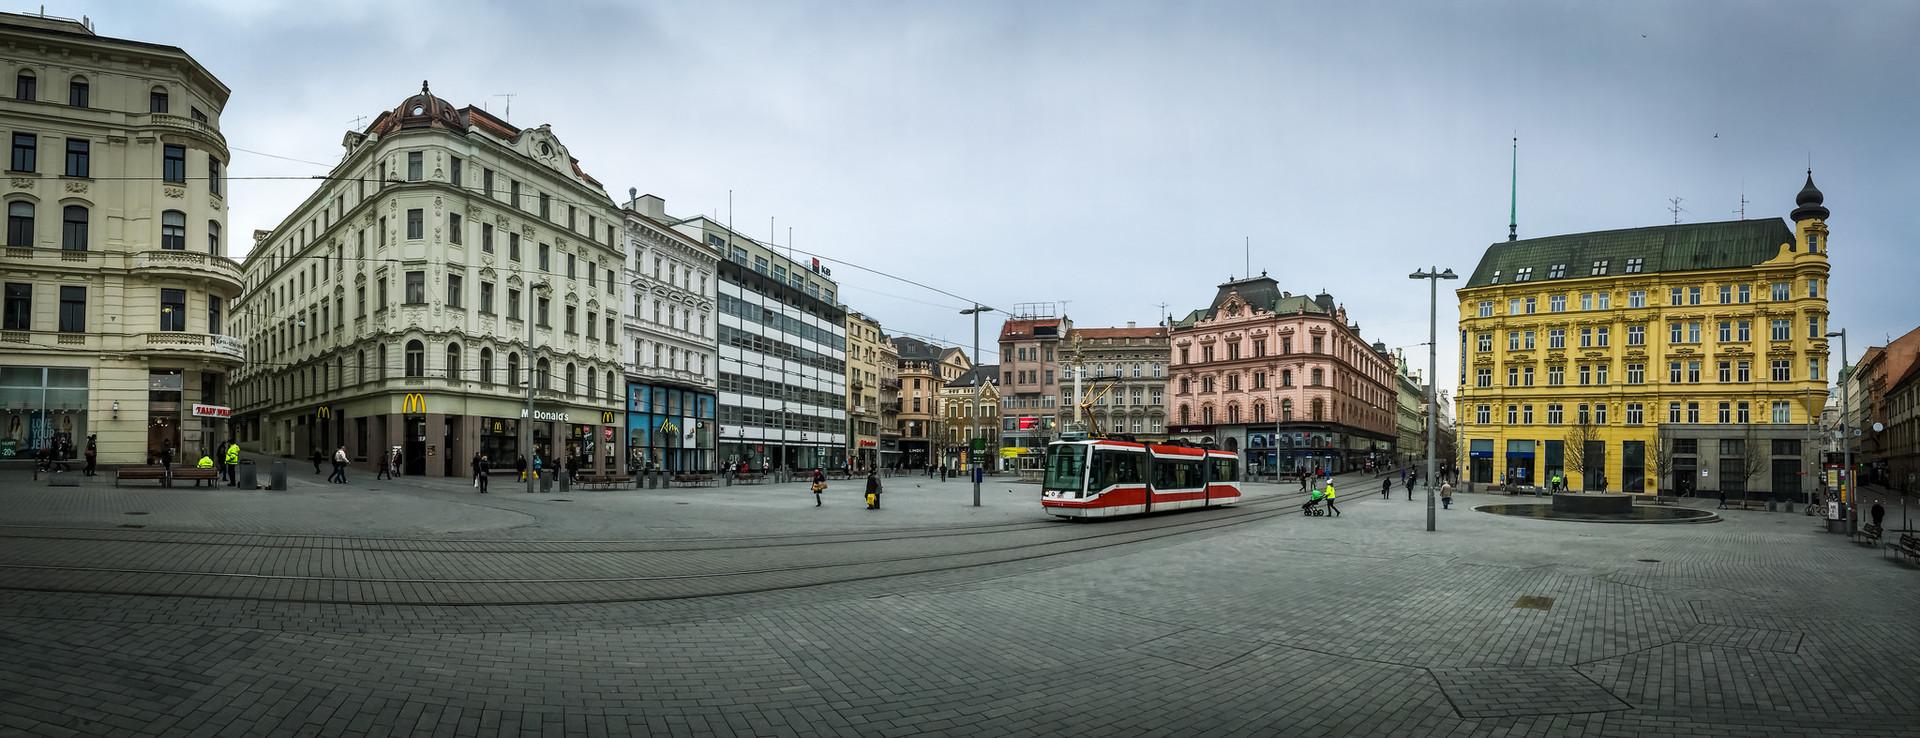 Wrażenia z Brna, Czechy, autorka: Maria